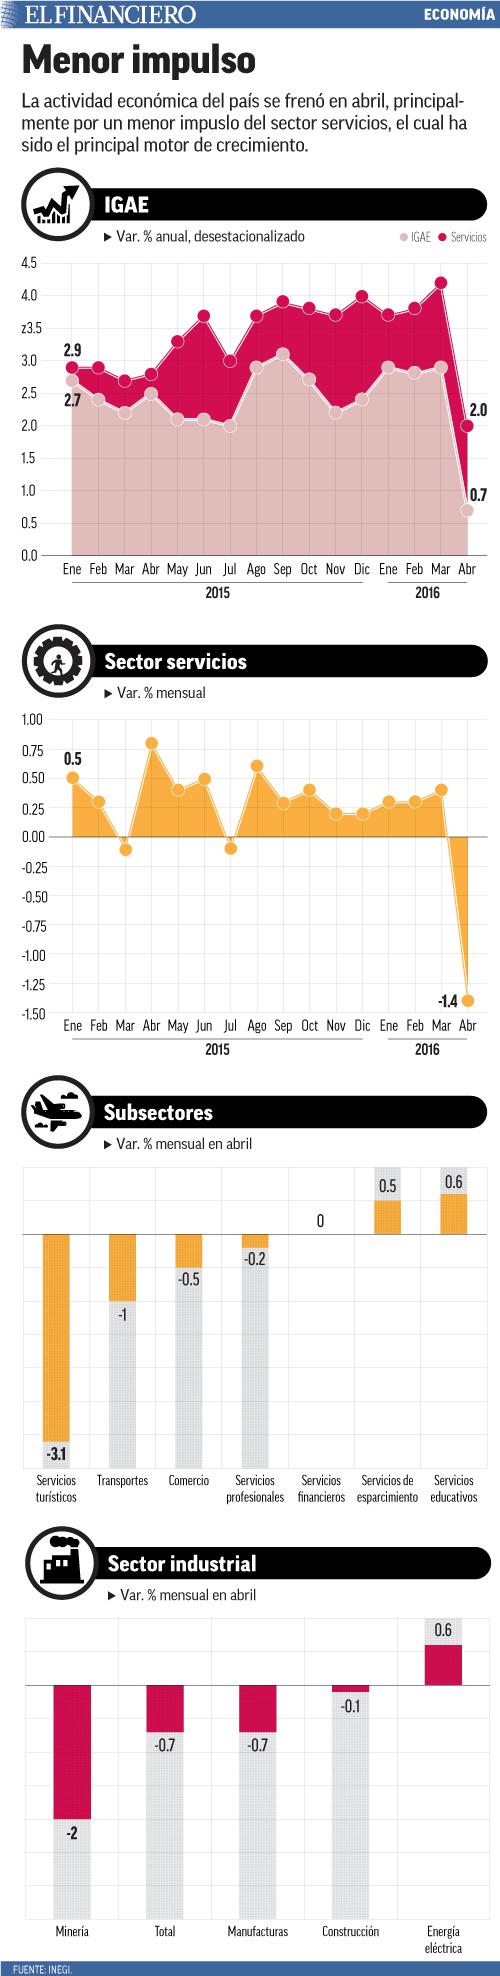 La actividad económica del país se frenó en abril, principalmente por un menor impuslo del sector servicios, el cual ha sido el principal motor de crecimiento.